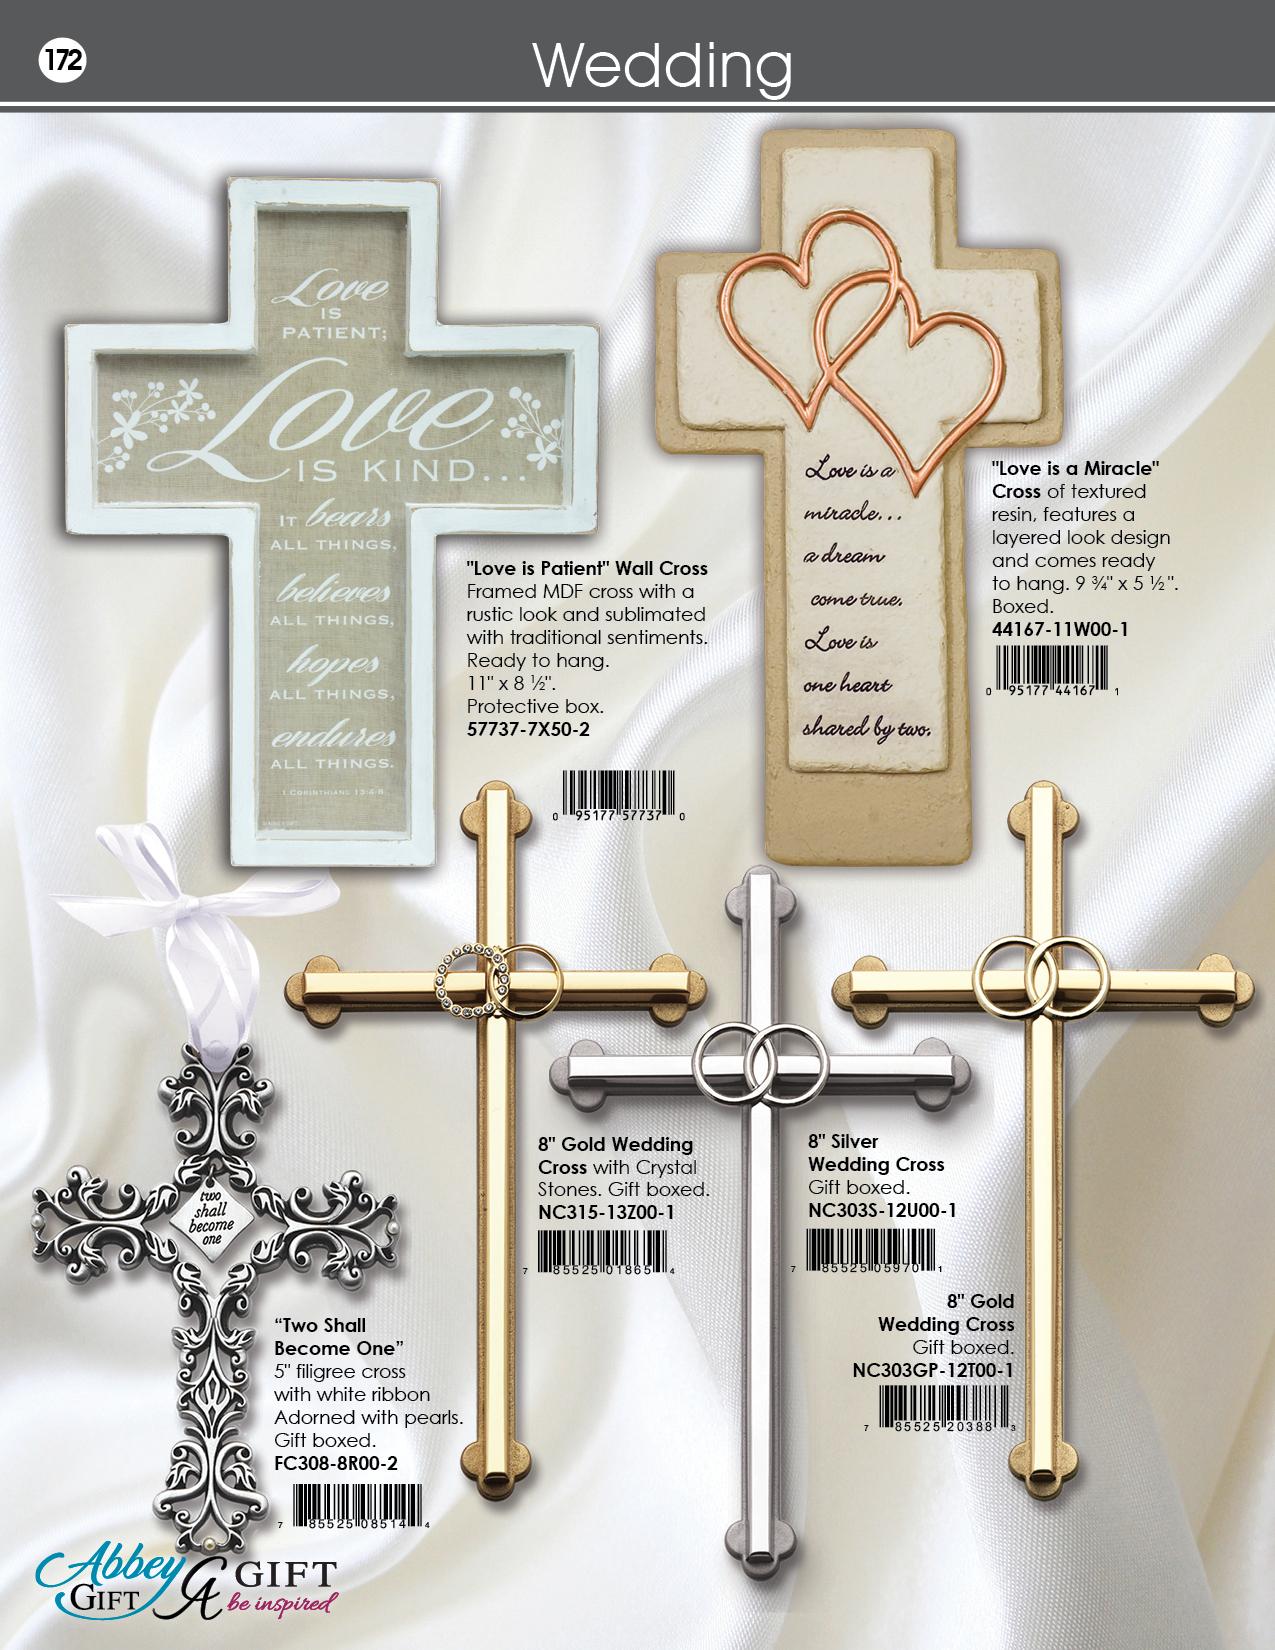 2019 Abbey CA Gift Catalog 172